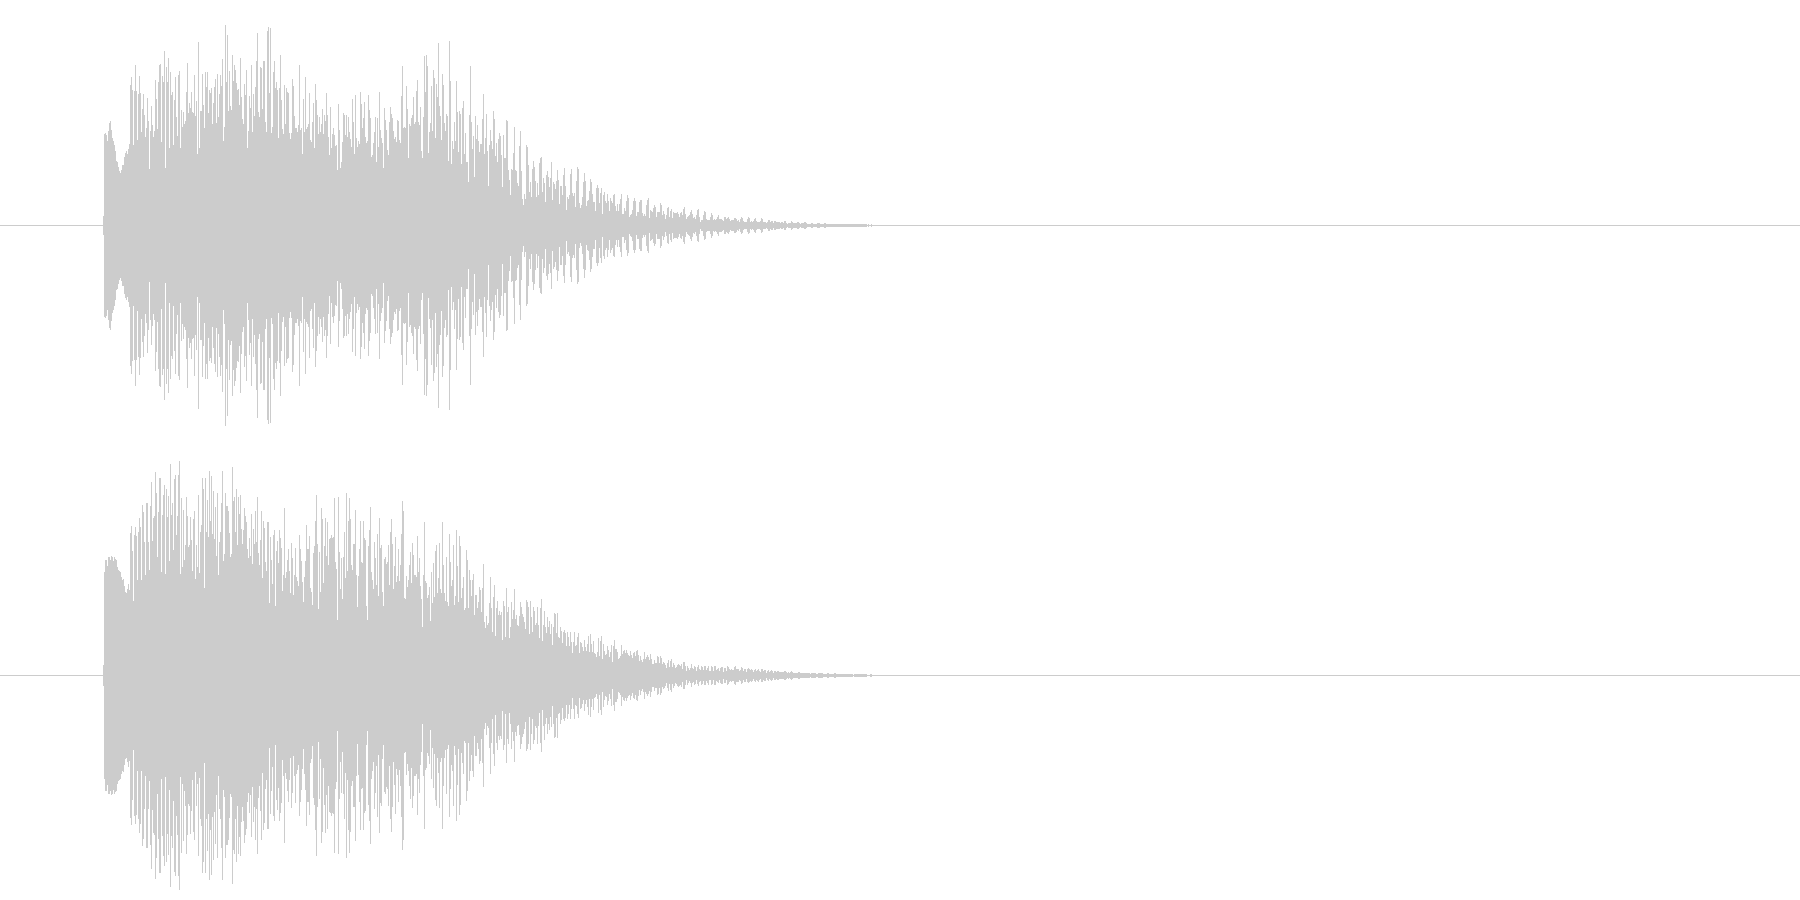 グリッサンド10 キラキラ(下降)の未再生の波形